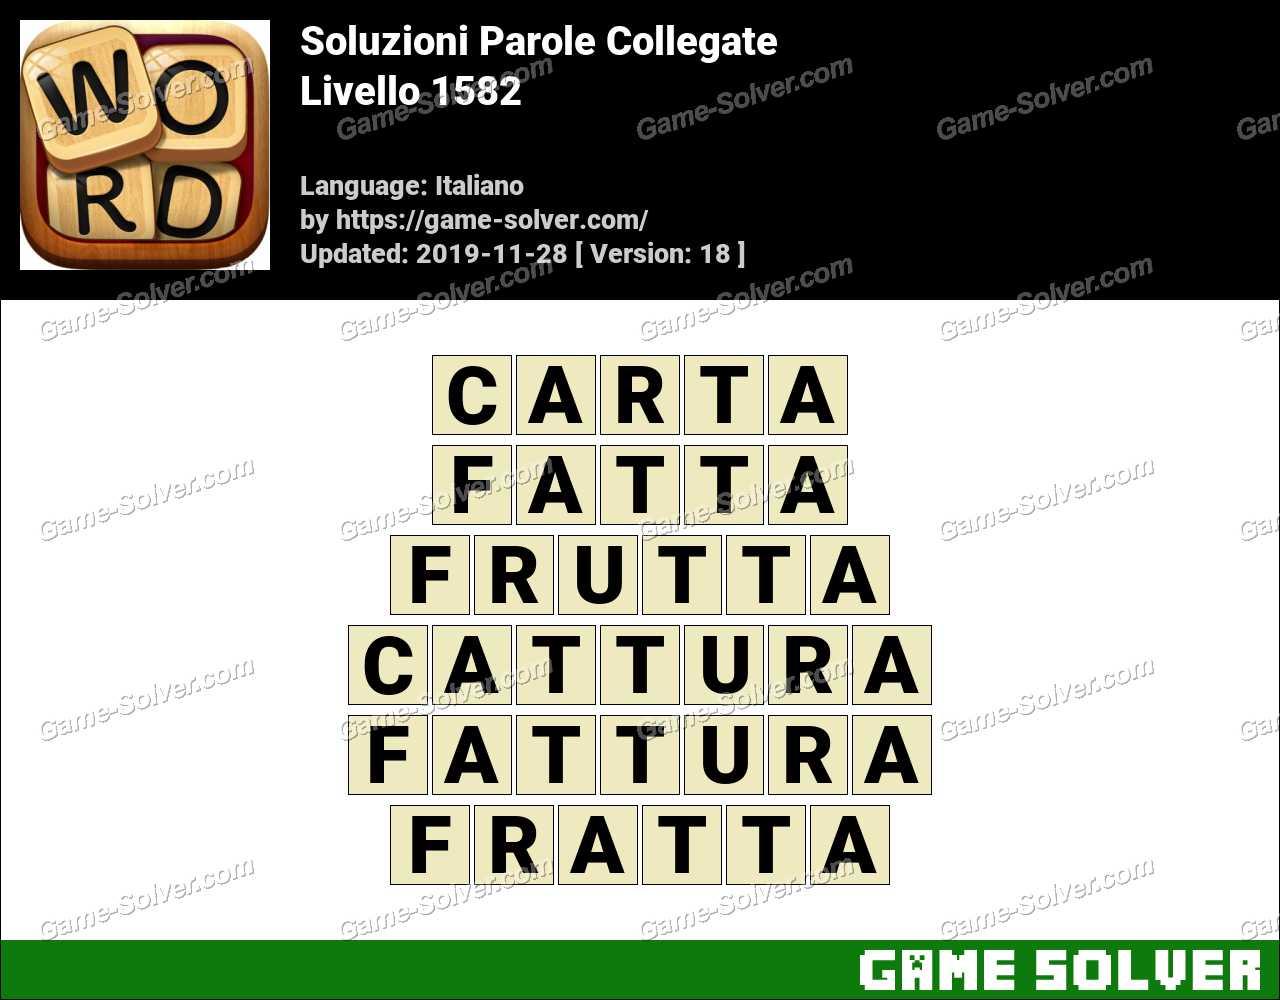 Soluzioni Parole Collegate Livello 1582